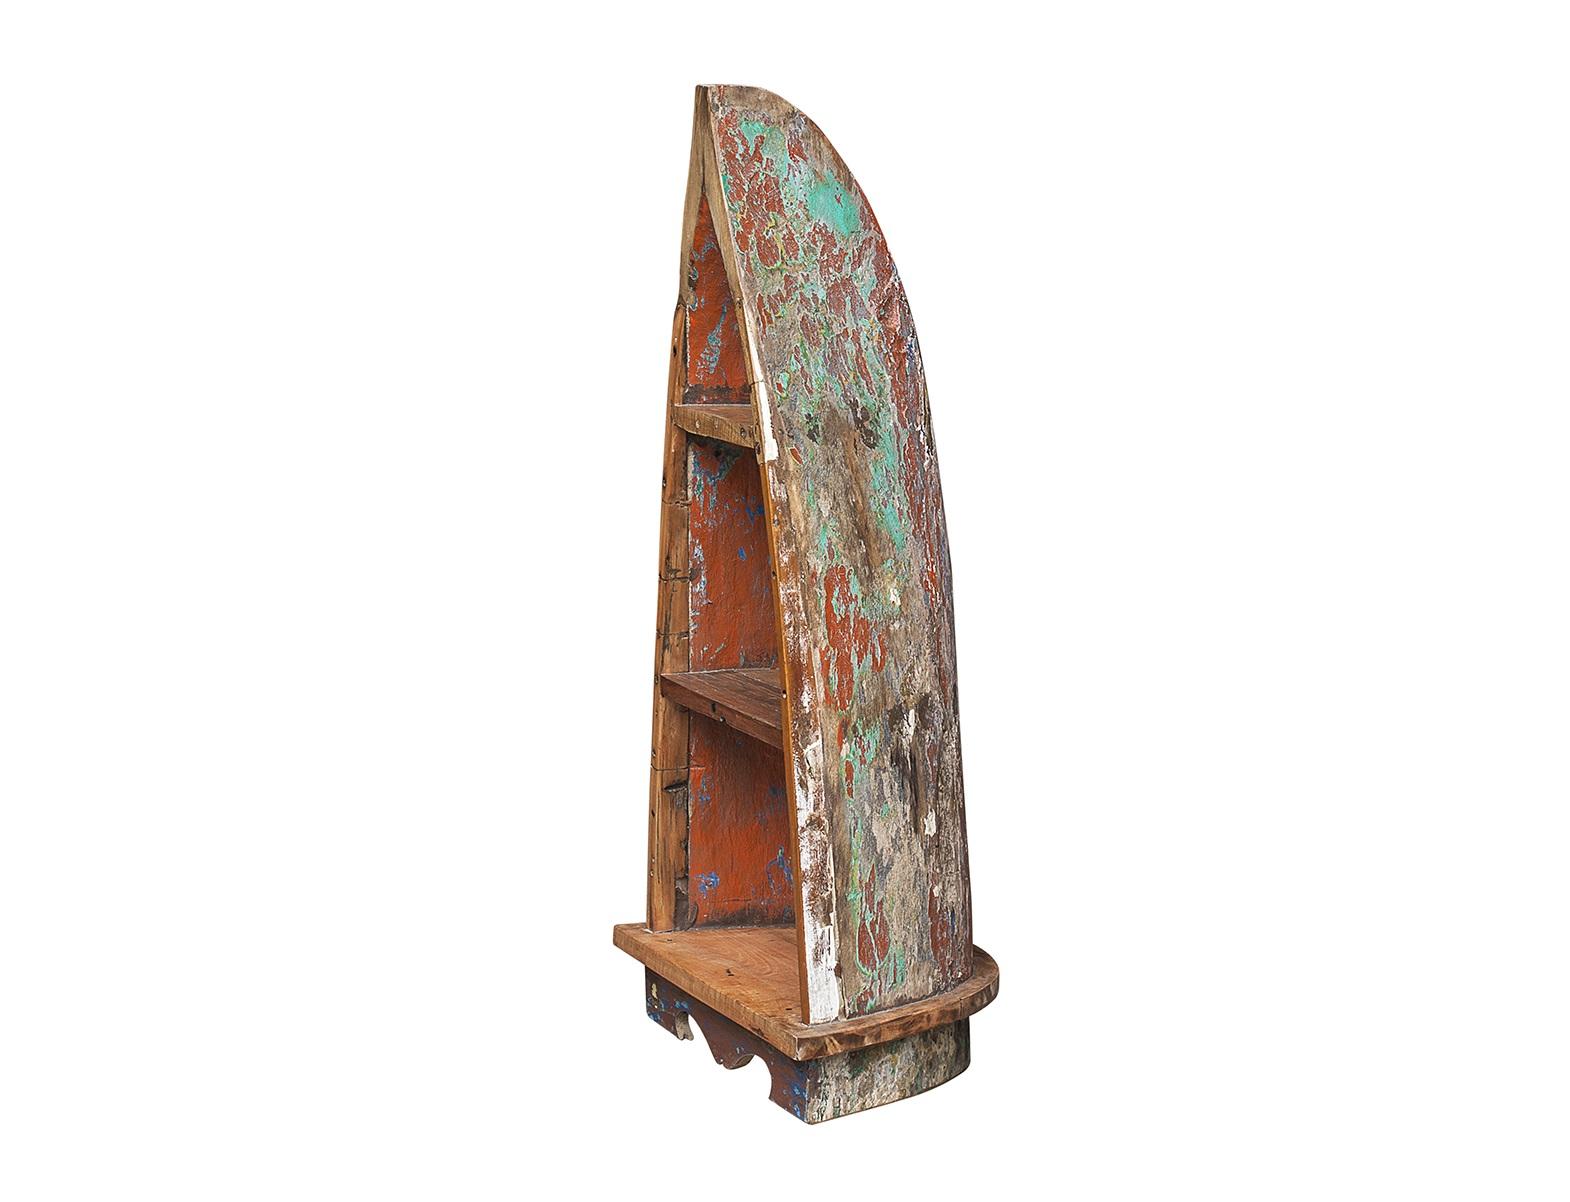 Стеллаж из лодки малый РублёвСтеллажи и этажерки<br>Напольный стеллаж, выполненный из старой рыбацкой лодки изящной вытянутой формы с сохранением оригинальной многослойной окраски.<br><br>Имеет 3 полки разной вместимости.<br>Подходит для использования как внутри помещения, так и снаружи.<br>Сборка не требуется.<br>Страна производитель - Индонезия.<br><br>Material: Тик<br>Ширина см: 36<br>Высота см: 120<br>Глубина см: 57